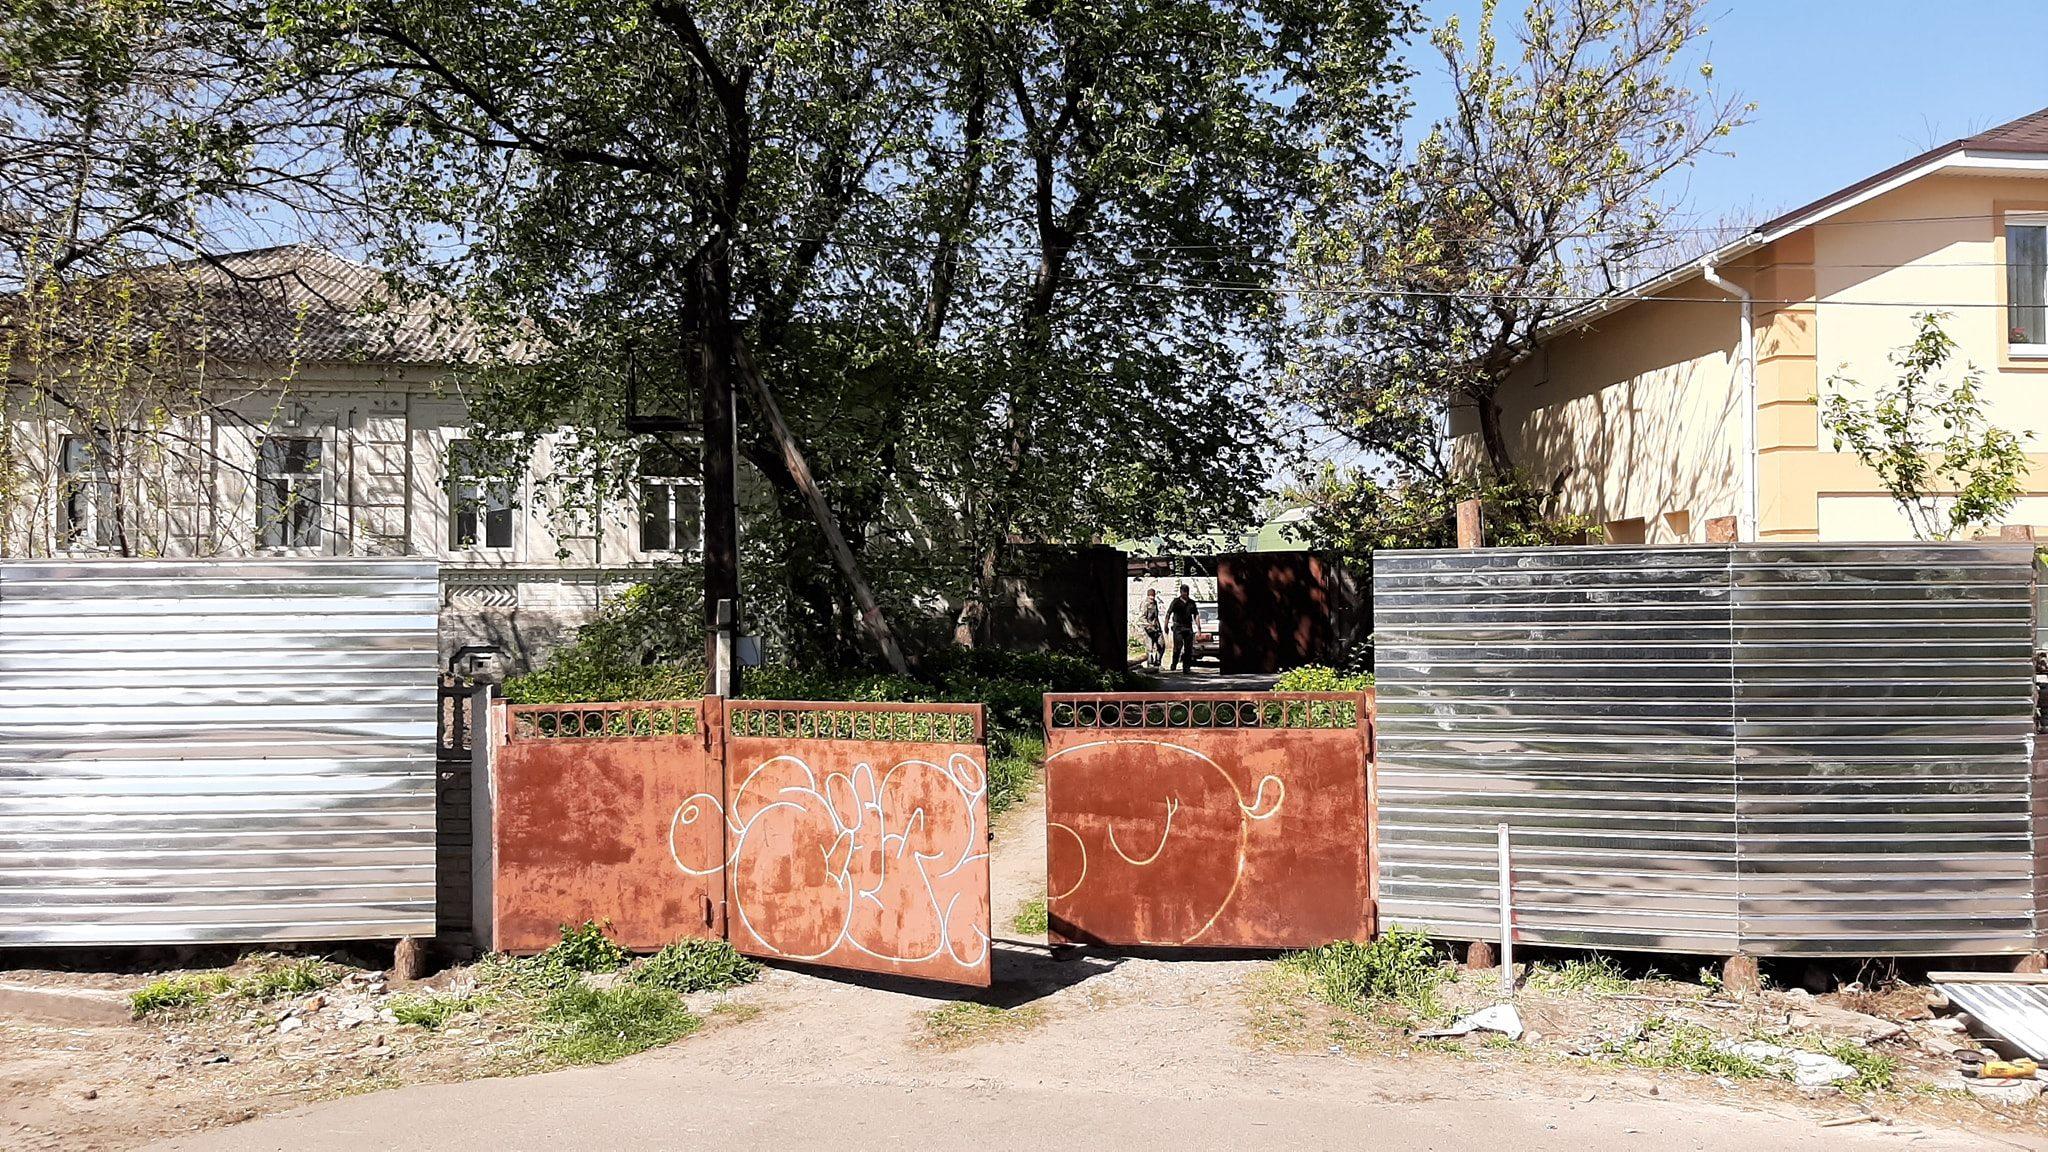 історія міста Черкаси, історична будівля, архітектура, старі черкаси,